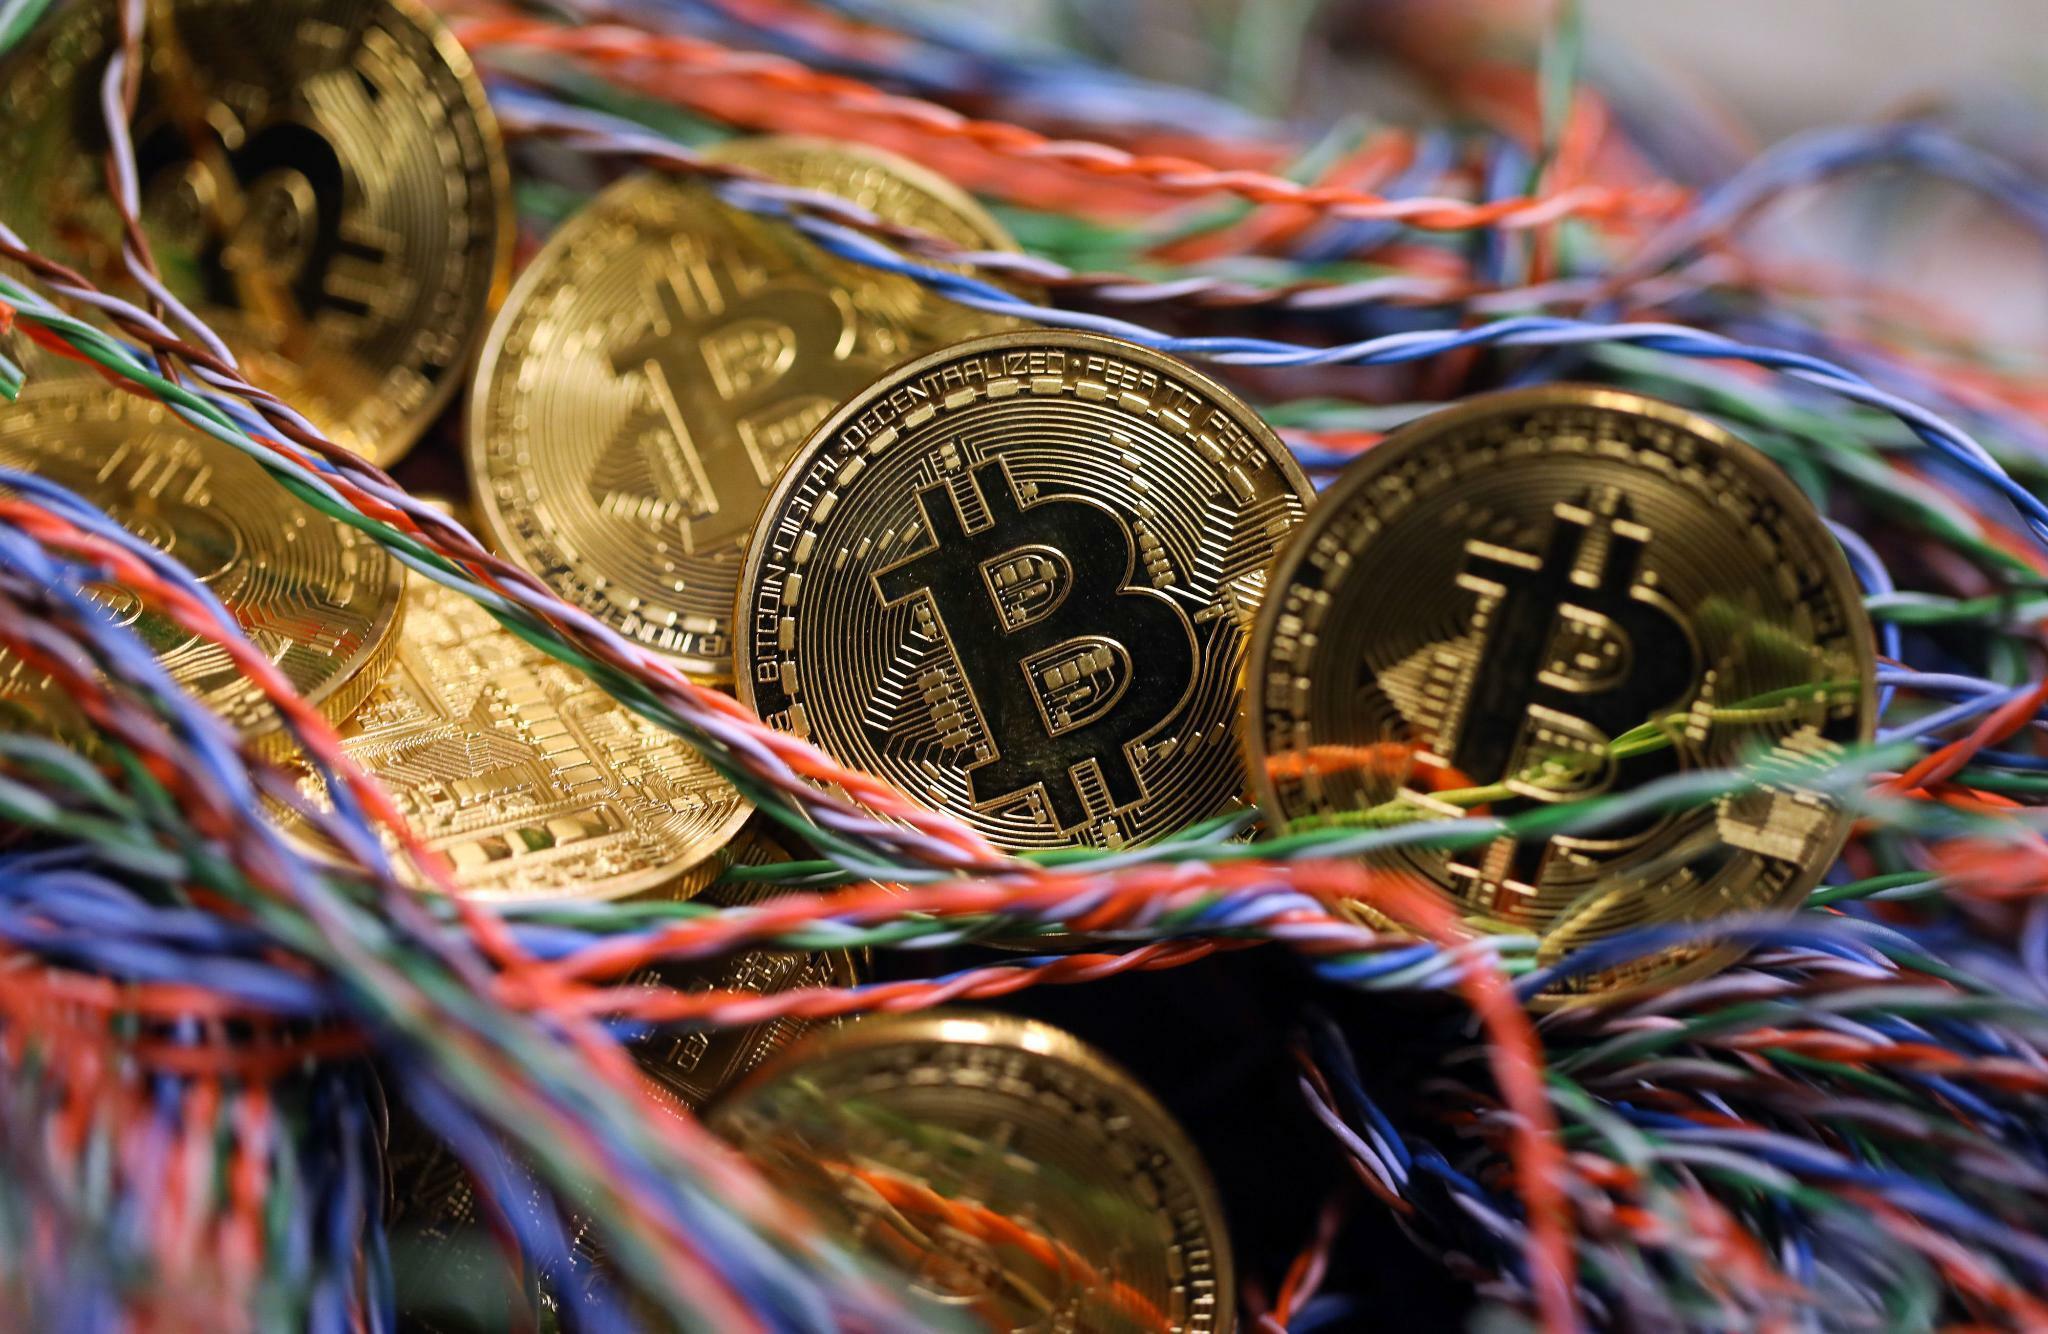 Ist Bitcoin eine gefahrliche Investition